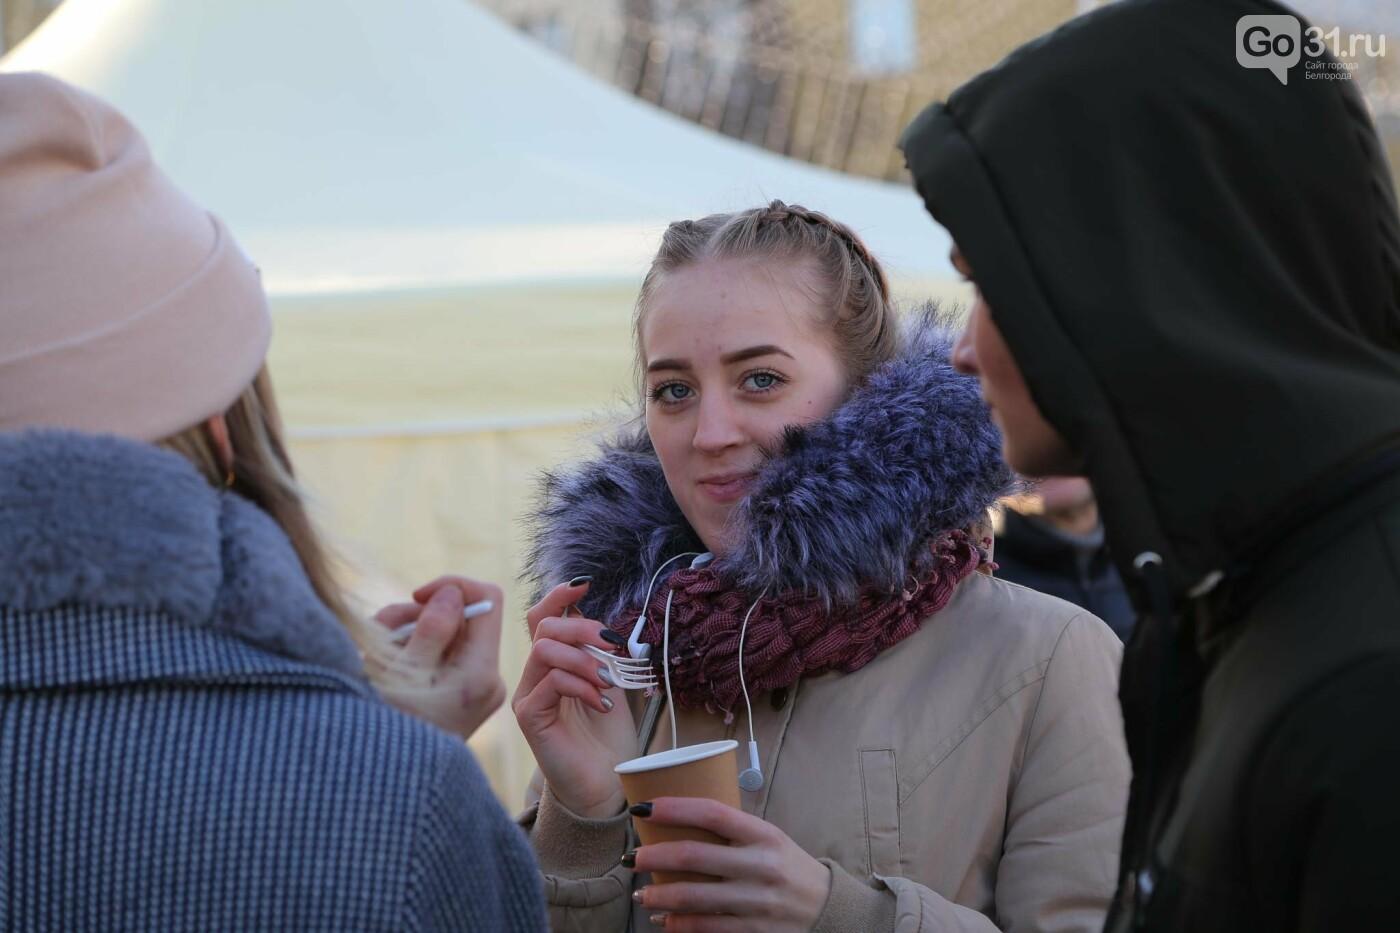 Дегустация, гастрономический парад, спецтроллейбус. В Белгороде прошёл фестиваль вареников, фото-8